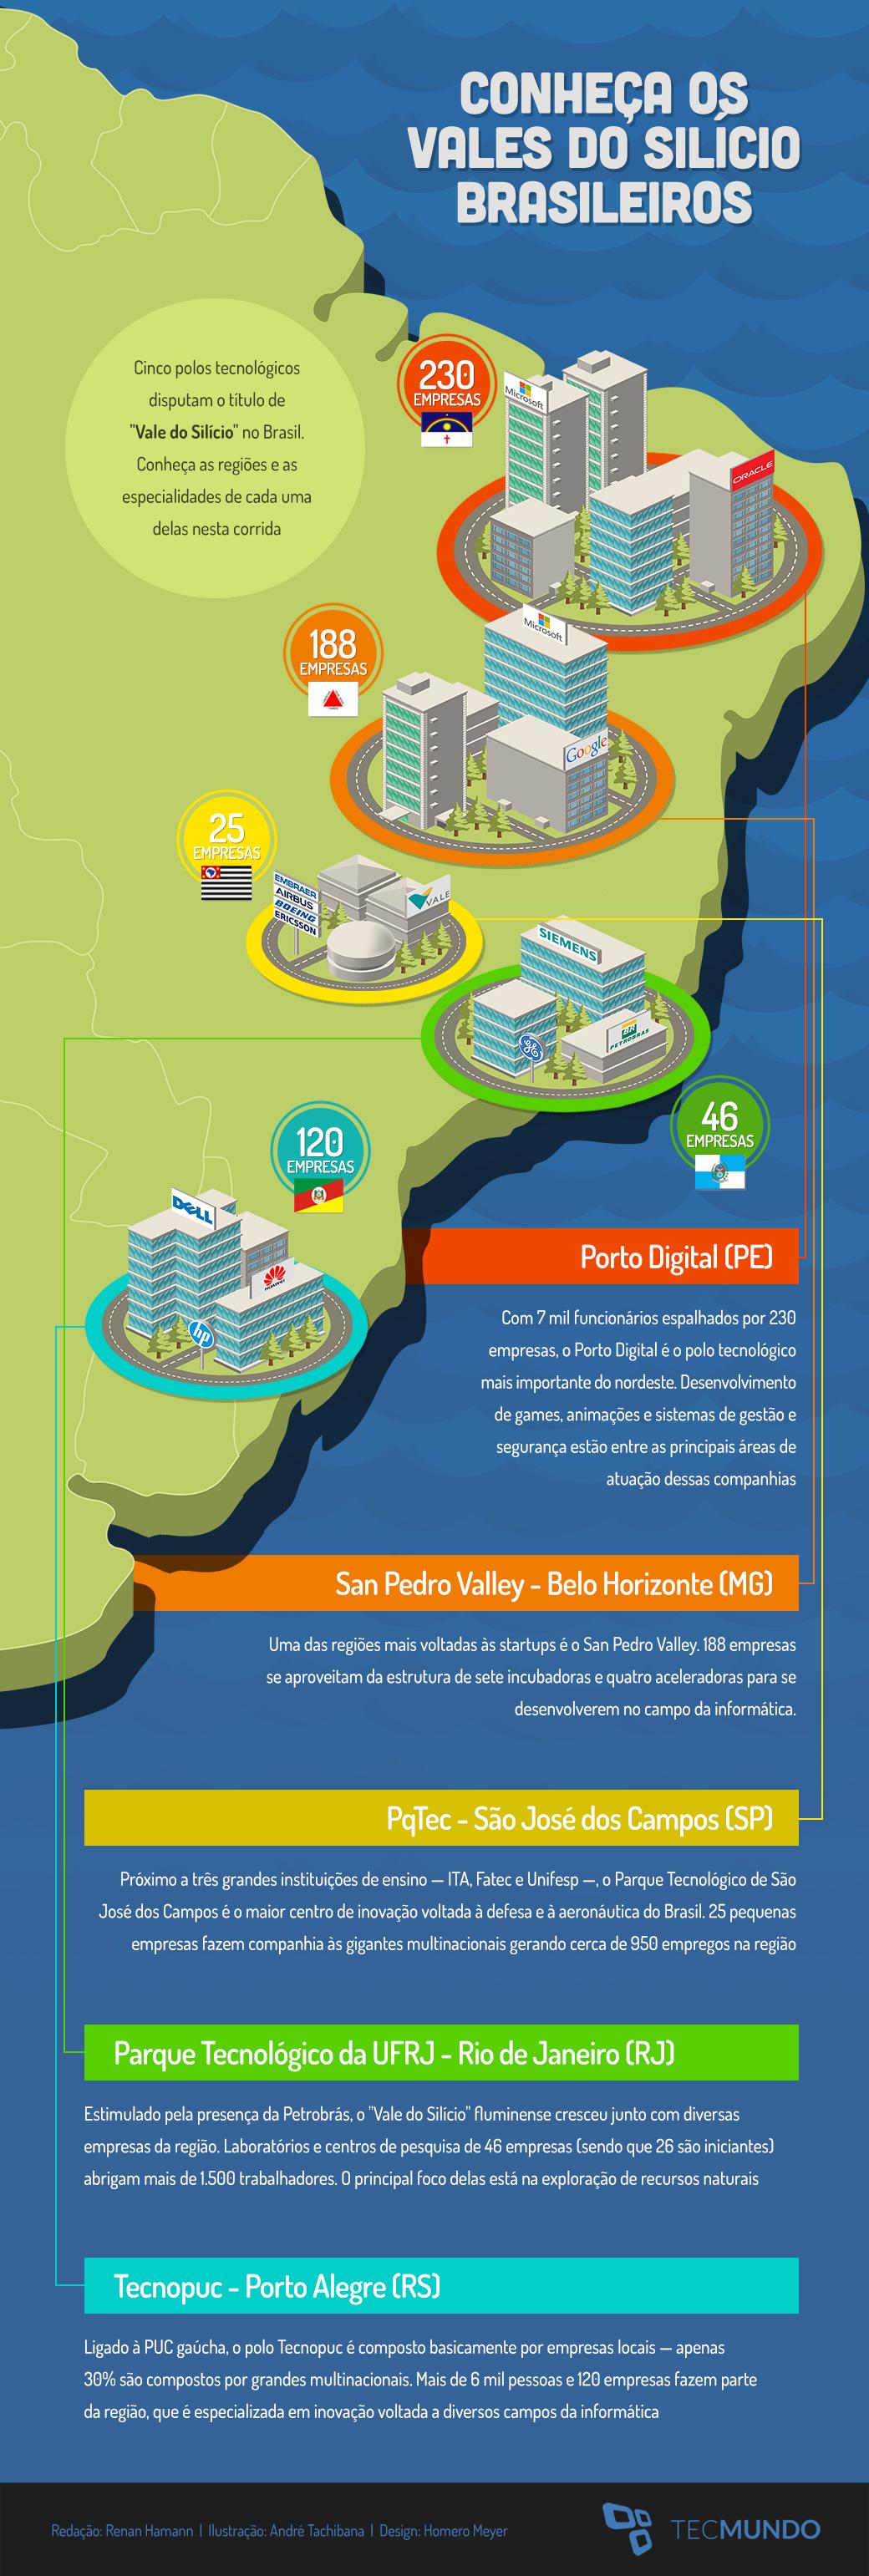 Conheça os Vales do Silício brasileiros [ilustração]